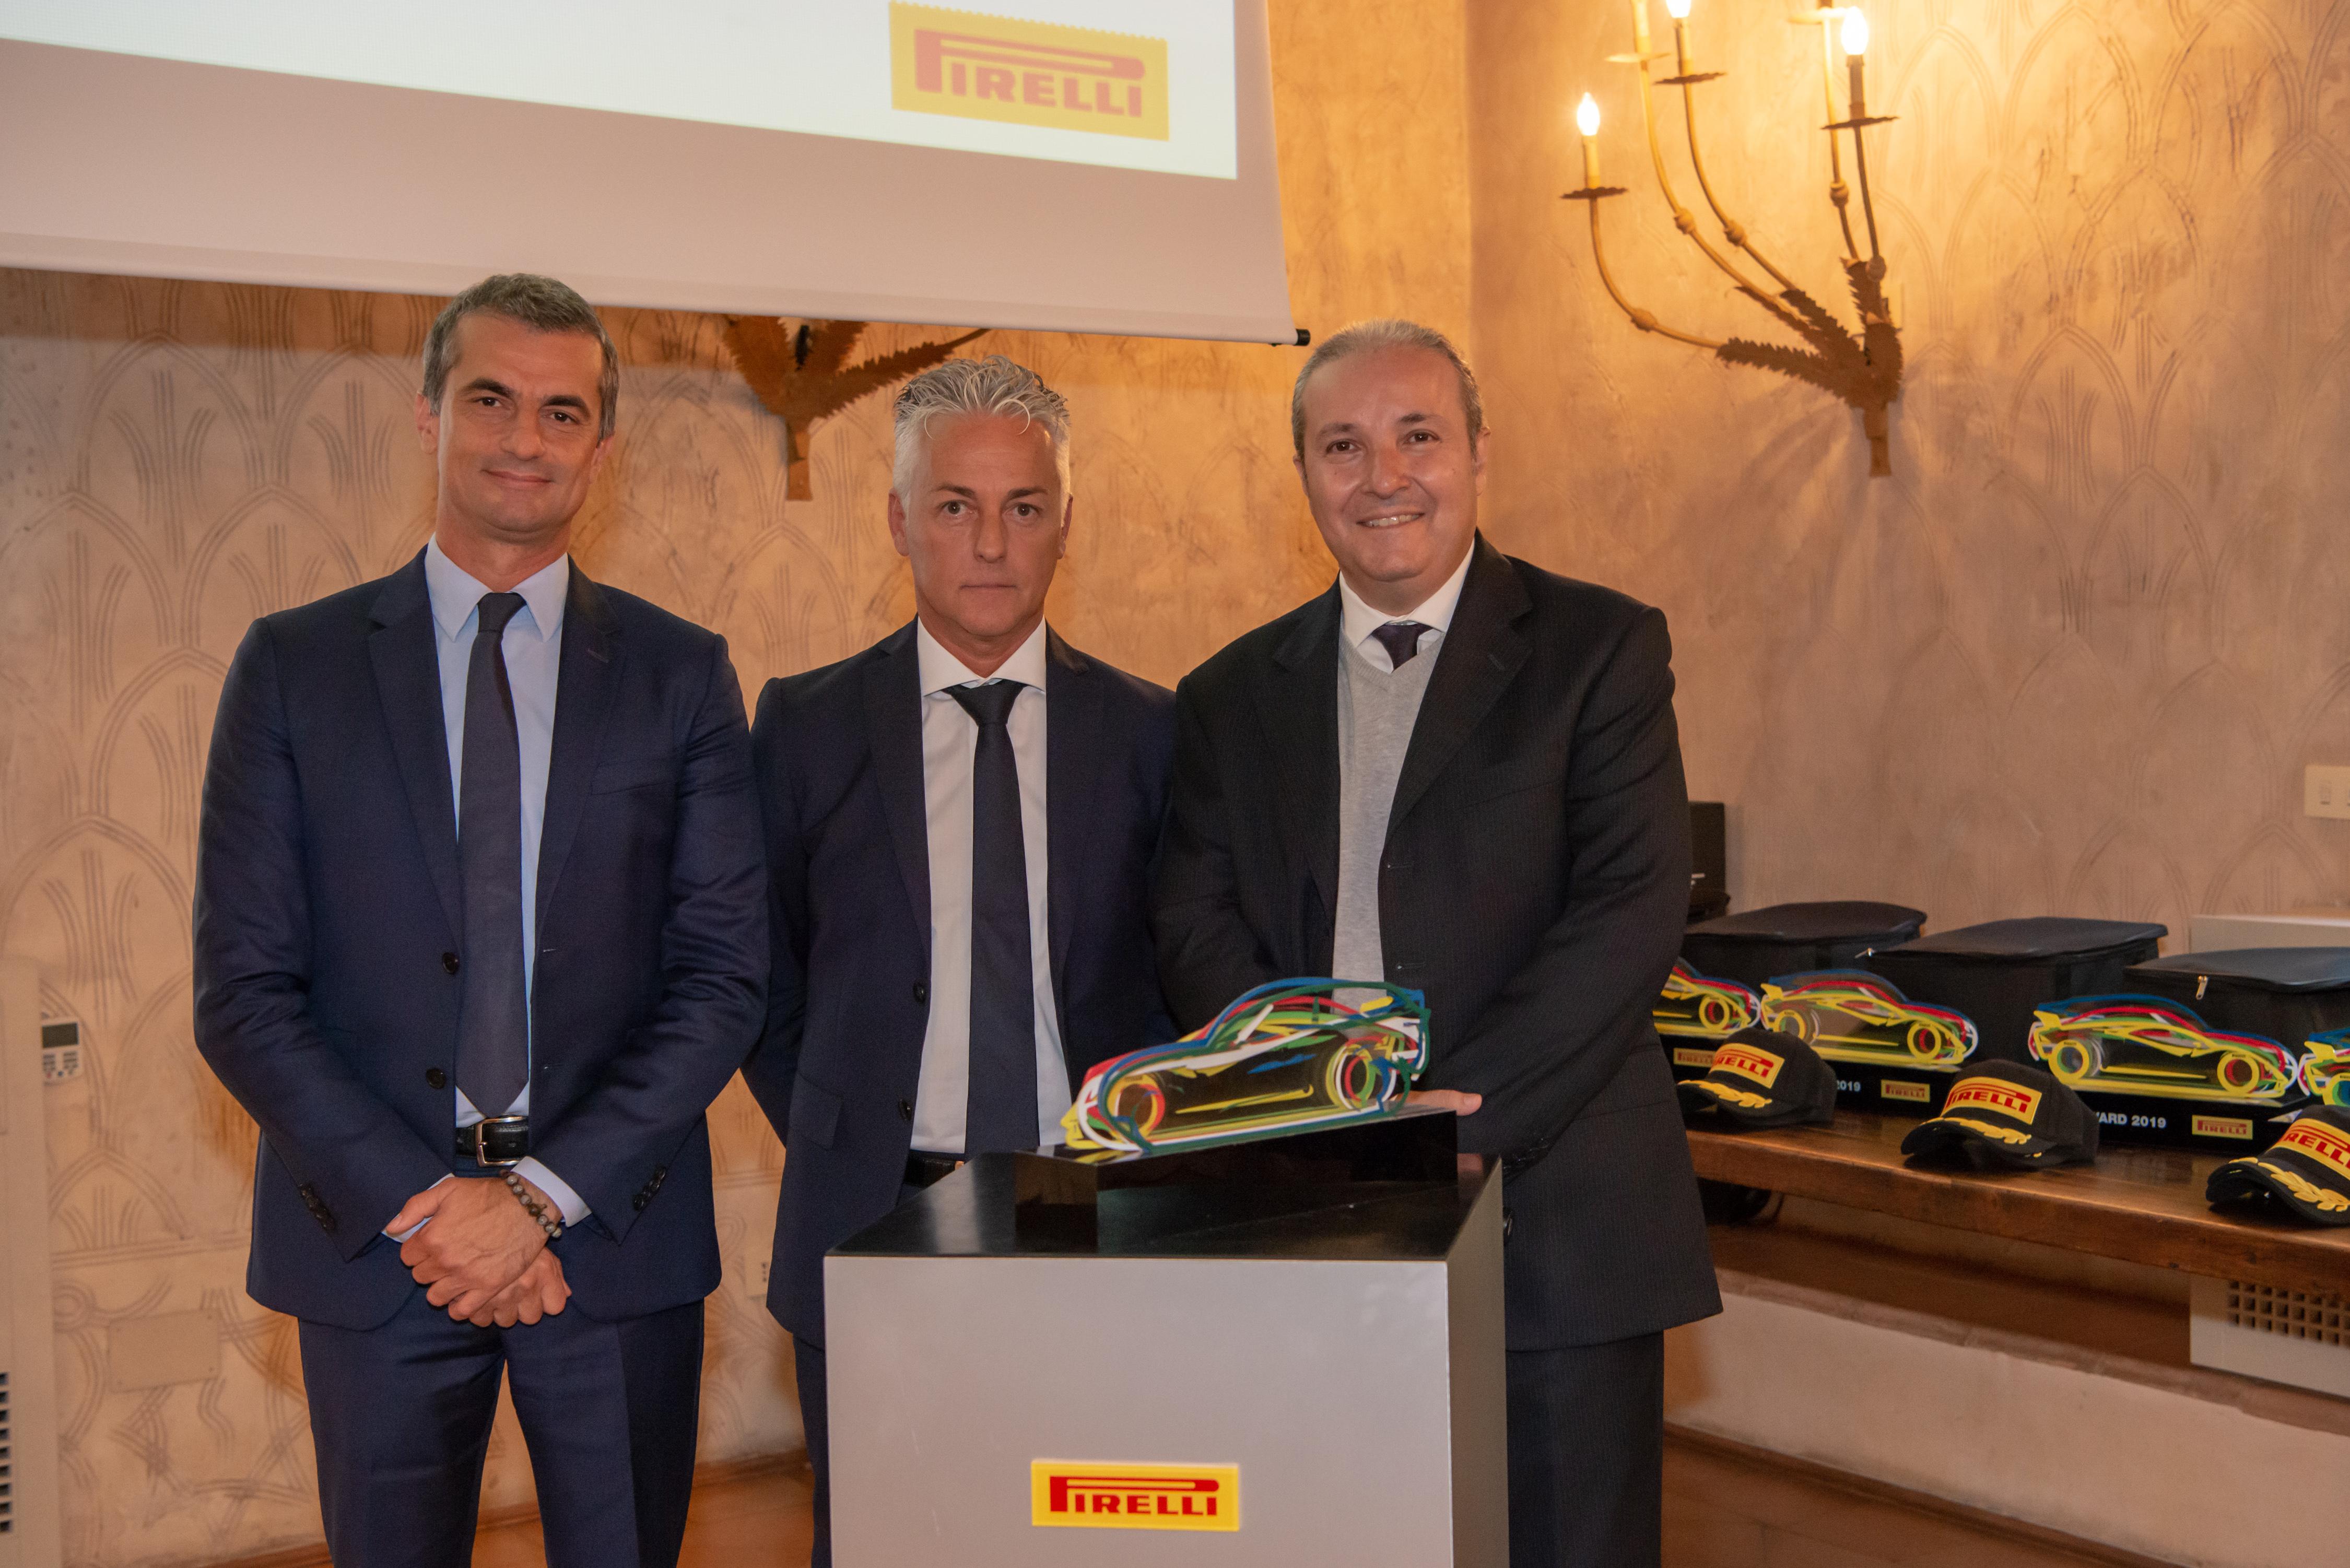 Pirelli supplier Award 2019- Cassioli- Carlo Cassioli